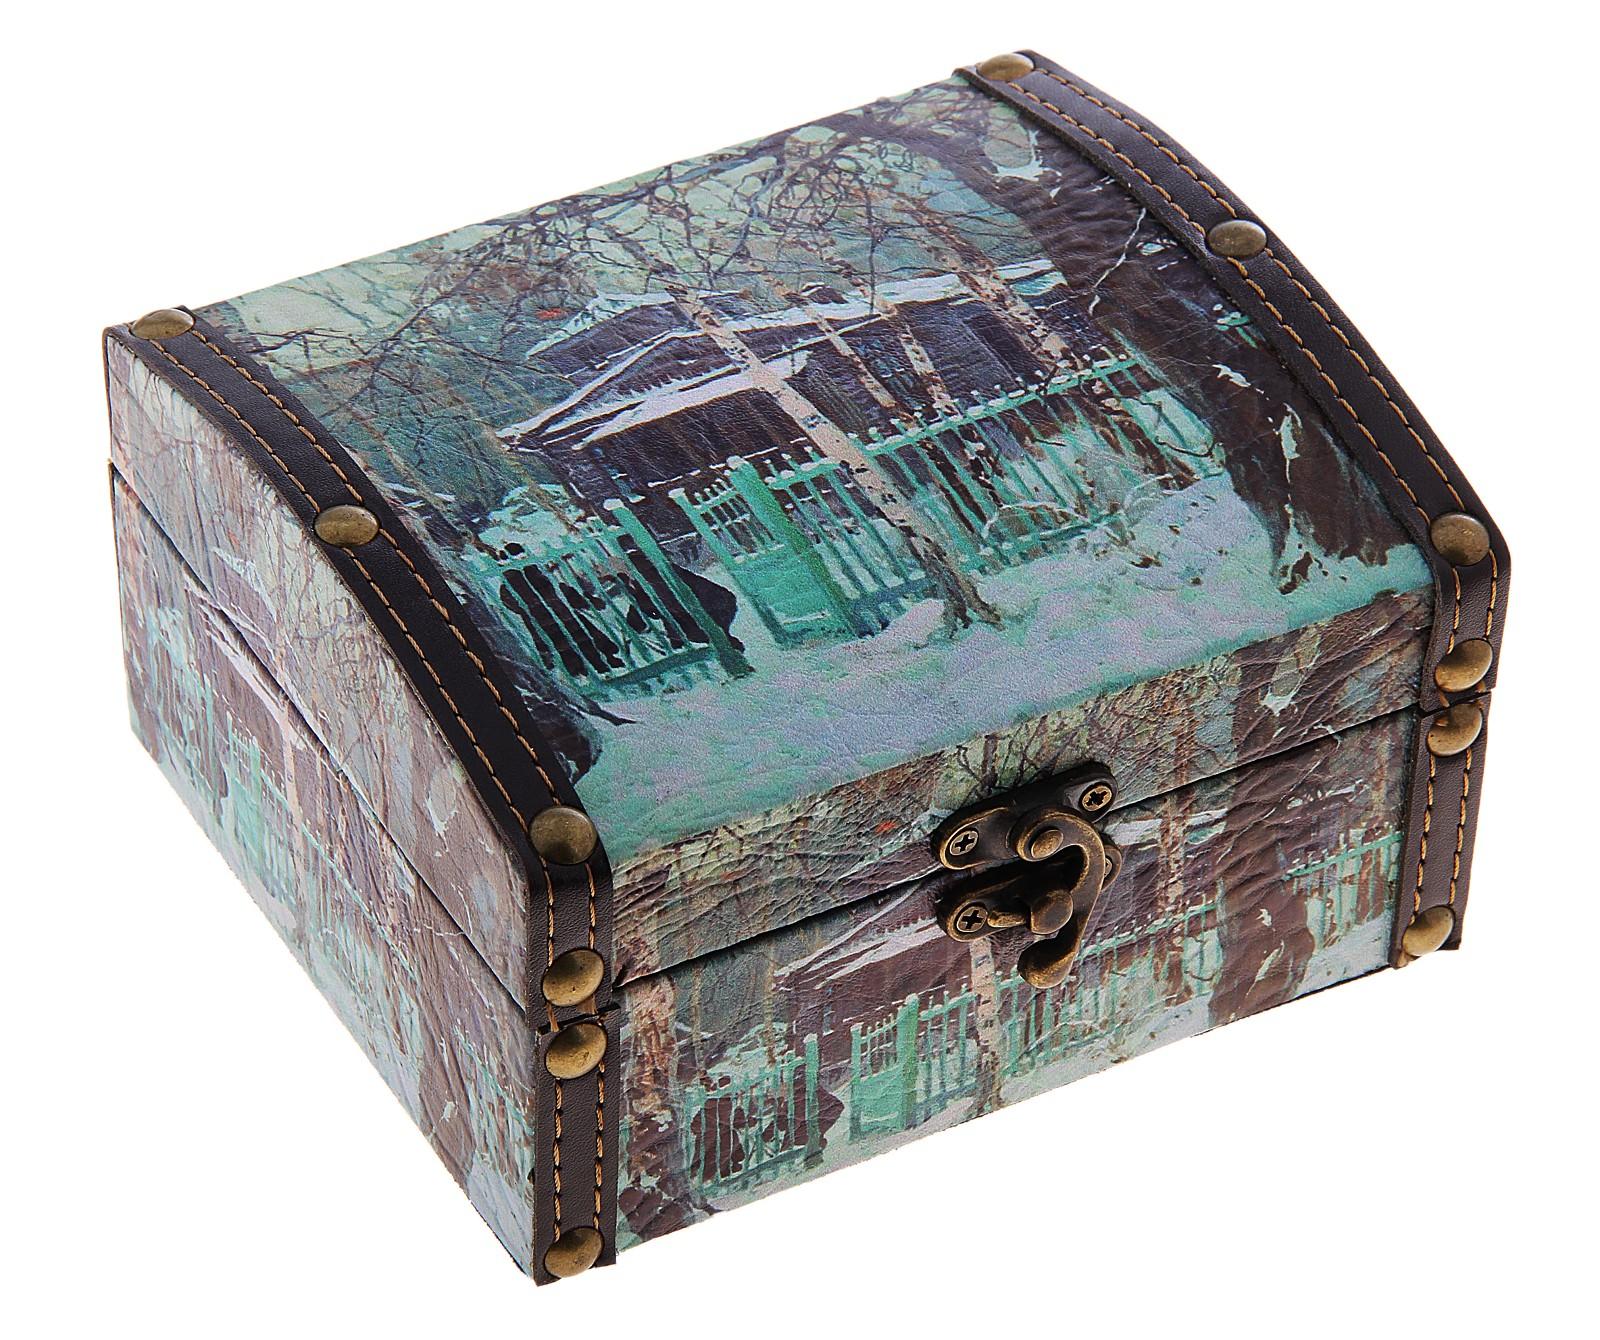 Шкатулка Зима в усадьбе, 15 х 13,5 х 8,5 см680120Шкатулка Зима в усадьбе изготовлена из дерева. Оригинальное оформление шкатулки, несомненно, привлечет внимание. Поверхность её состоит из кожзама и декорирована изображением зимнего новогоднего пейзажа. Шкатулка закрывается на крепкий металлический замочек.Такая шкатулка может использоваться для хранения бижутерии, в качестве украшения интерьера, а также послужит хорошим подарком для человека, ценящего практичные и оригинальные вещицы. Характеристики:Материал: дерево, металл, кожзам. Размер шкатулки (в закрытом виде): 13 см х 8,5 см х 15 см. Внутренний размер шкатулки: 11,5 см х 4,5 см х 13,5 см. Размер упаковки: 14 см х 9,5 см х 16 см. Артикул: 680120.